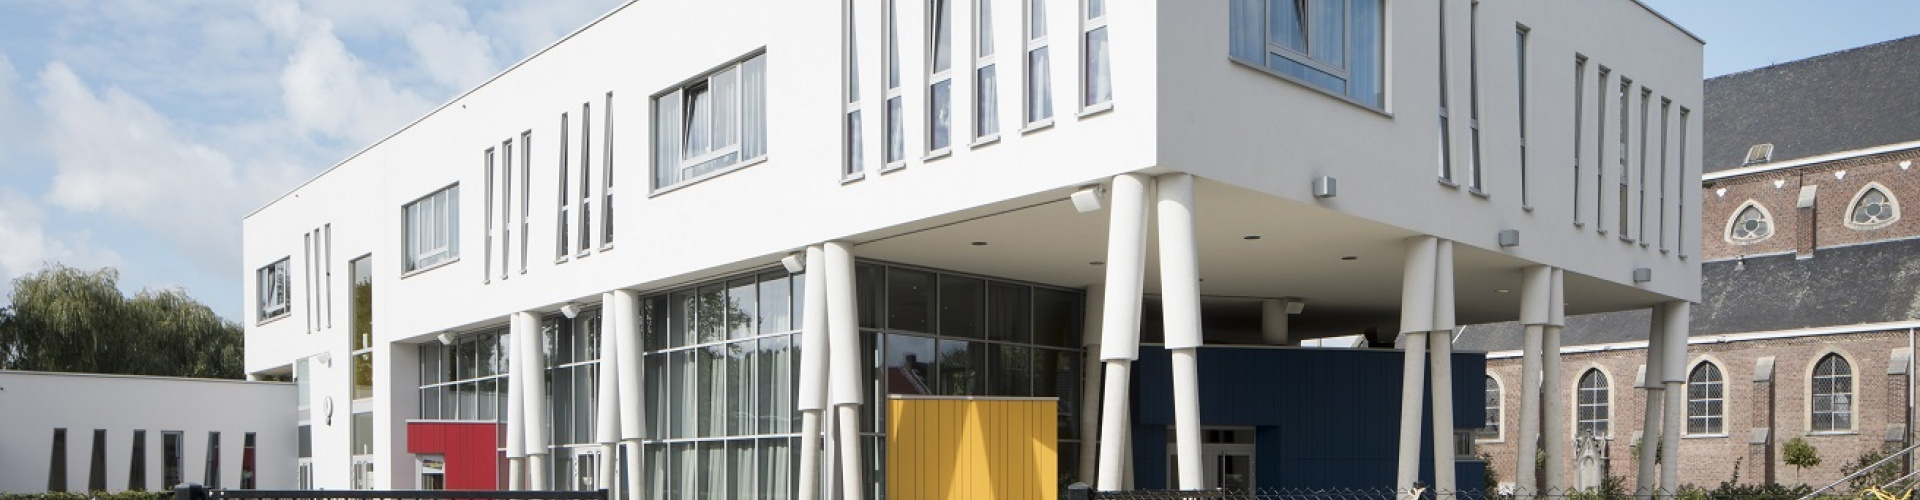 Gemeentelijke basisschool Ten Bos Merchtem